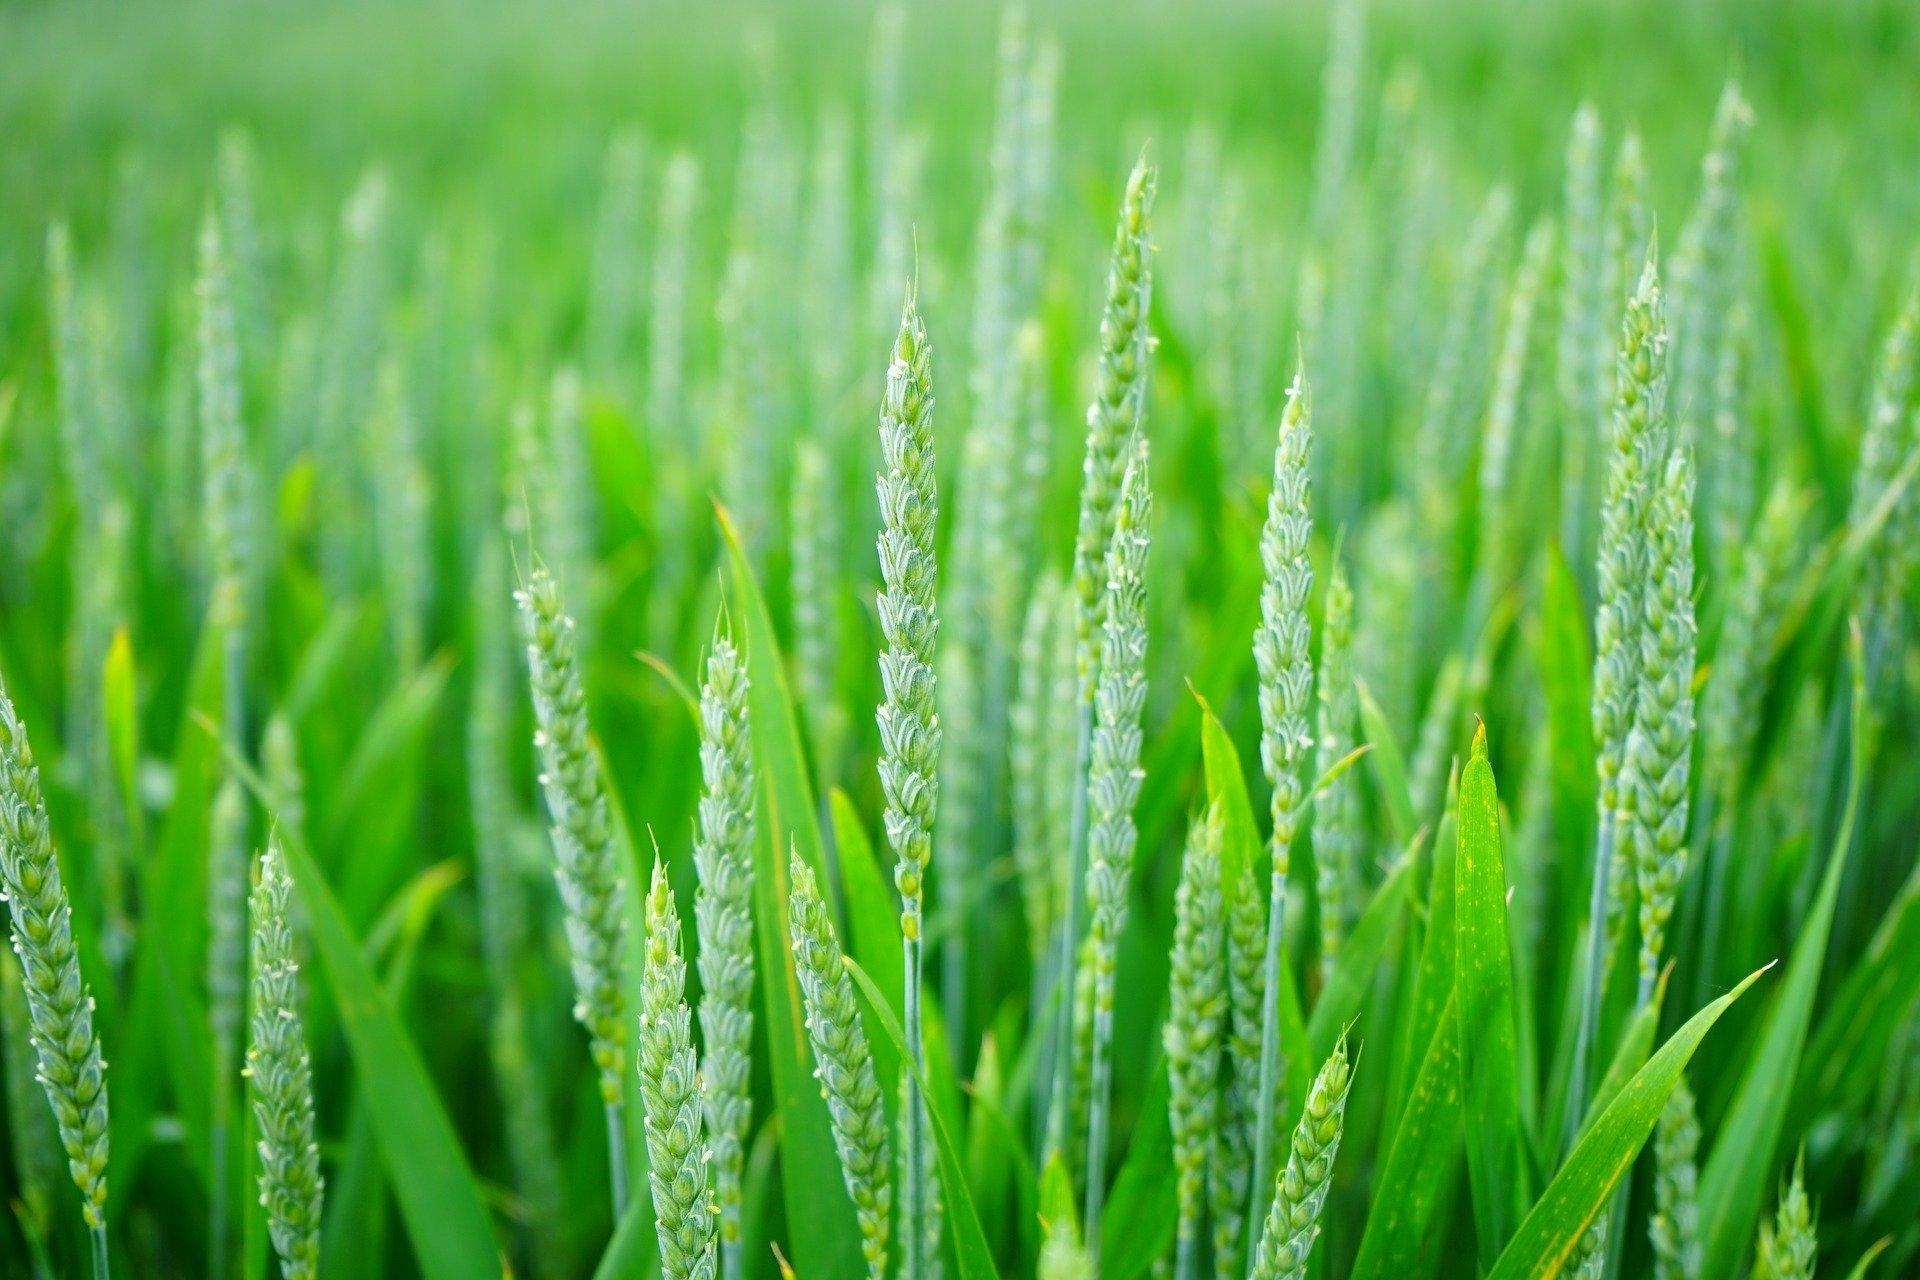 wheat-1117267_1920